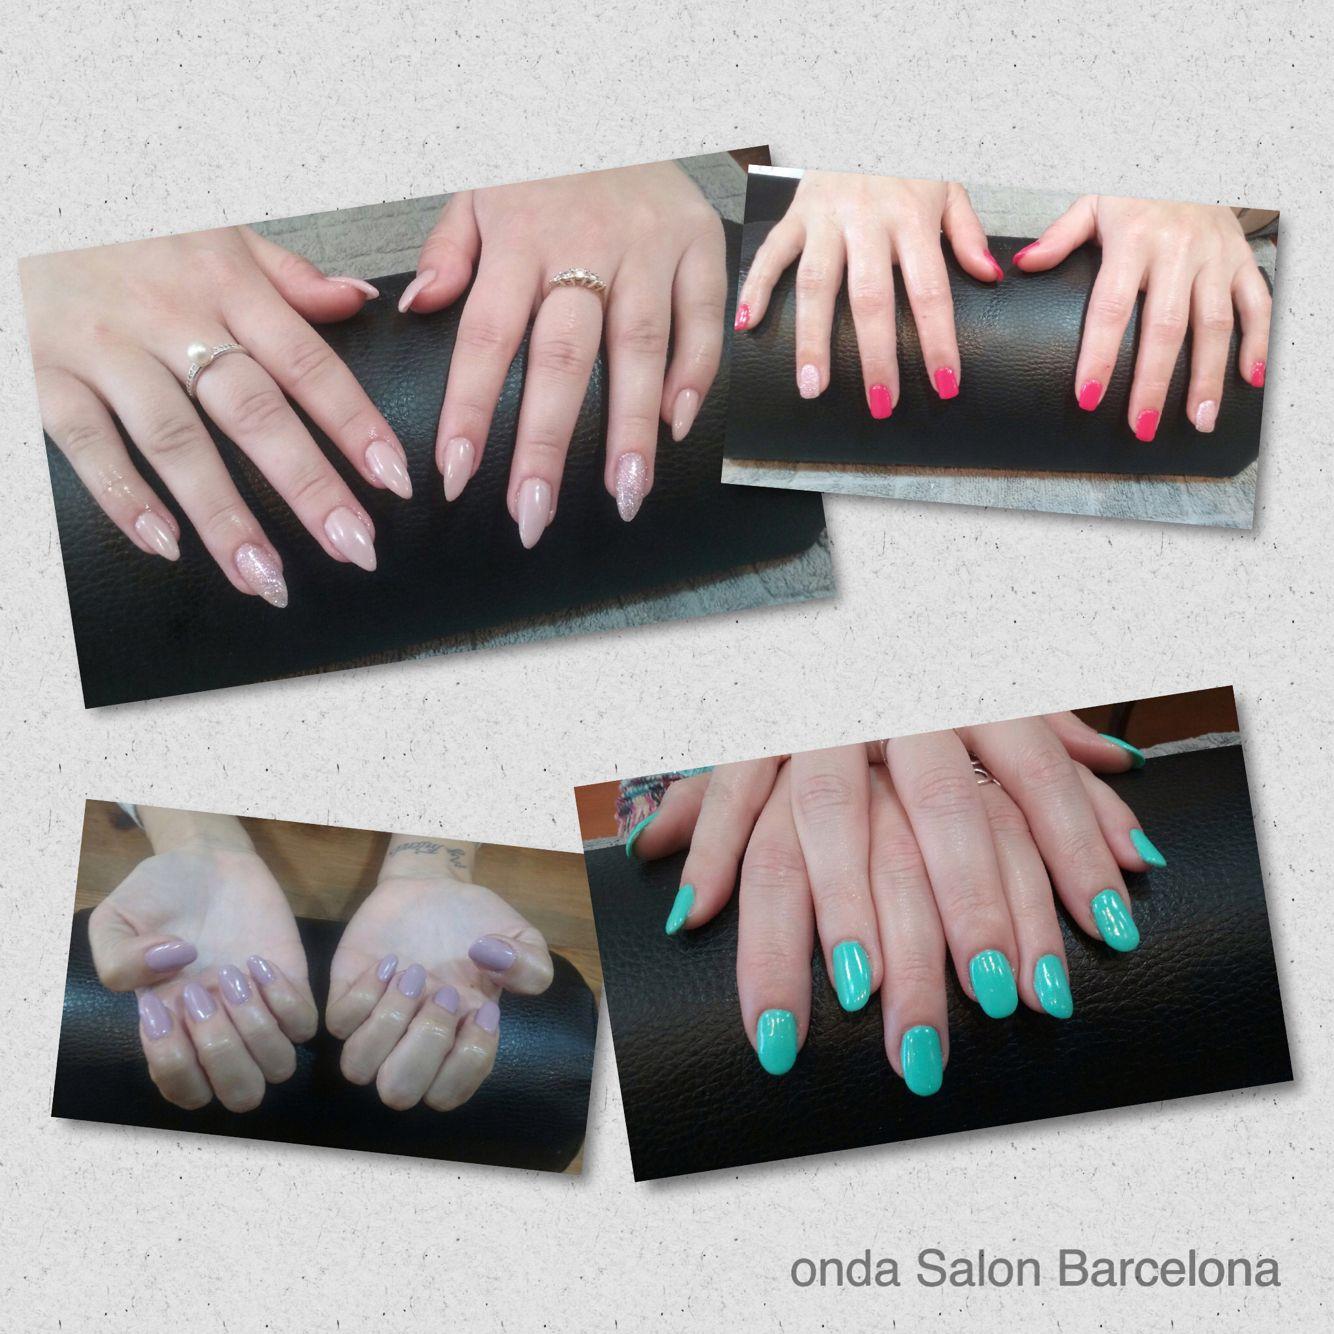 Uñas de gel - reconstrucción de uñas - gel nails - nail reconstruction by Onda Beauty Team. #Ondasalon #uñasdegel #gelnails #esteticaBarcelona #Barcelona #Barceloneta